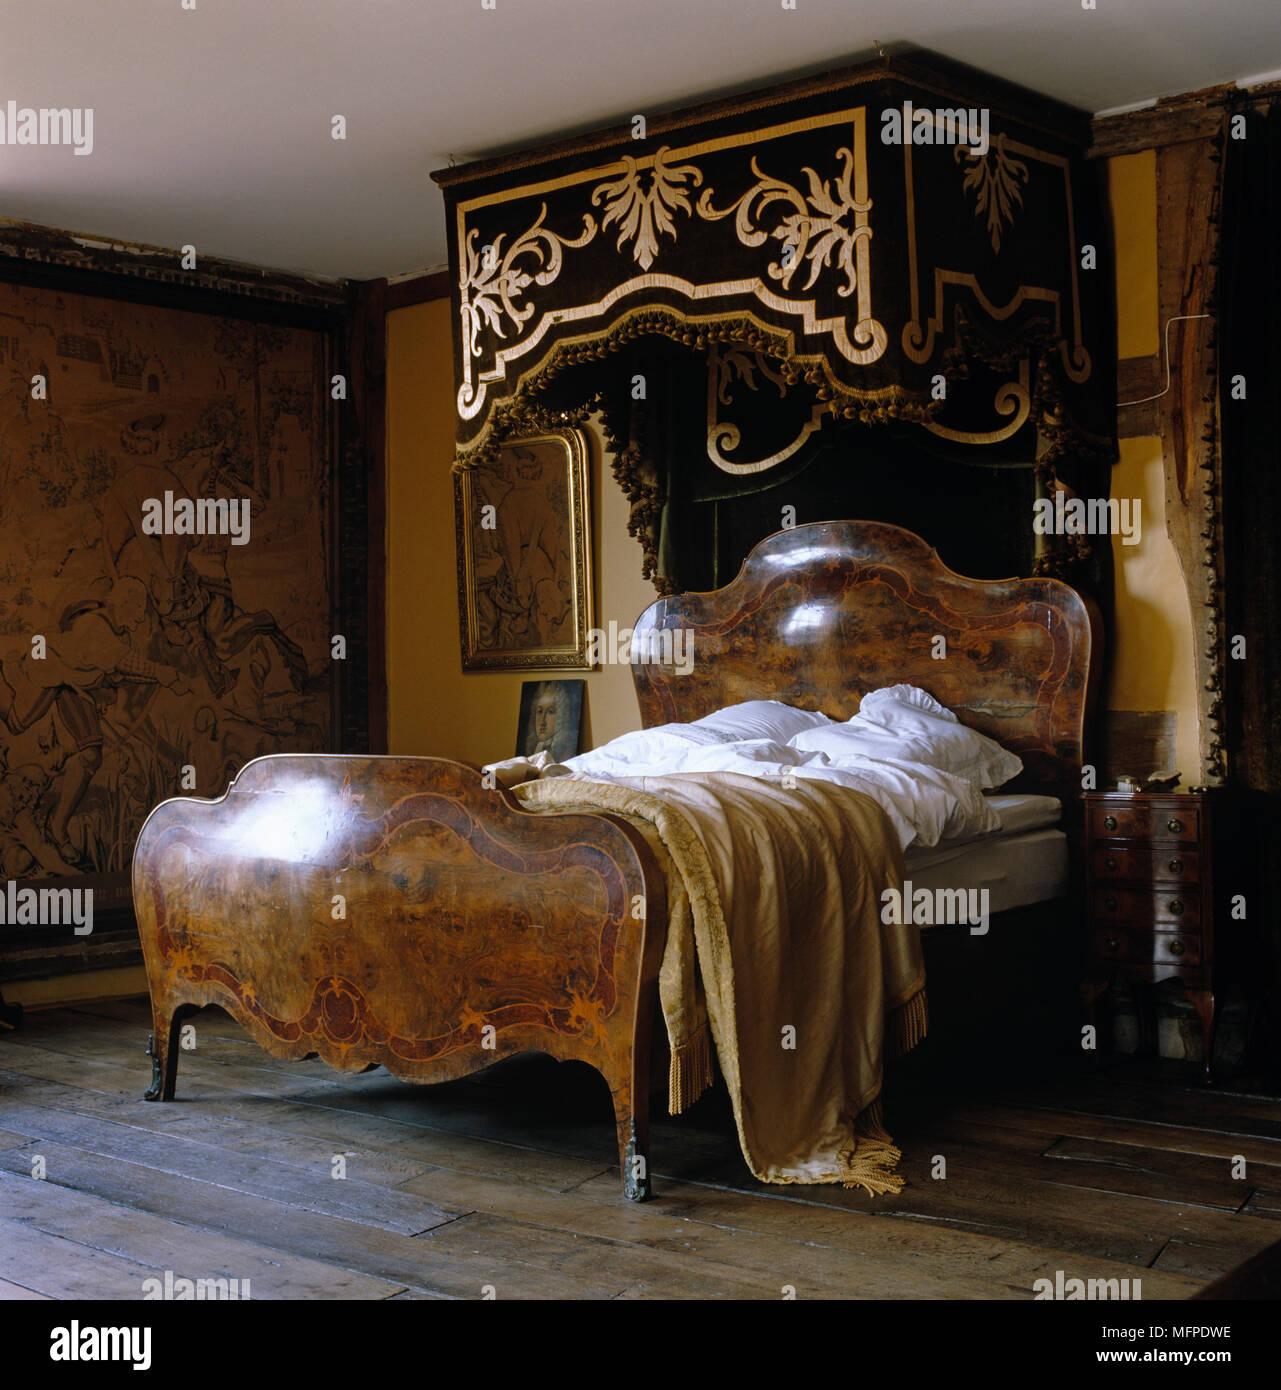 Letto Baldacchino Antico.Impero Antico Letto Matrimoniale Con Baldacchino Decorativi